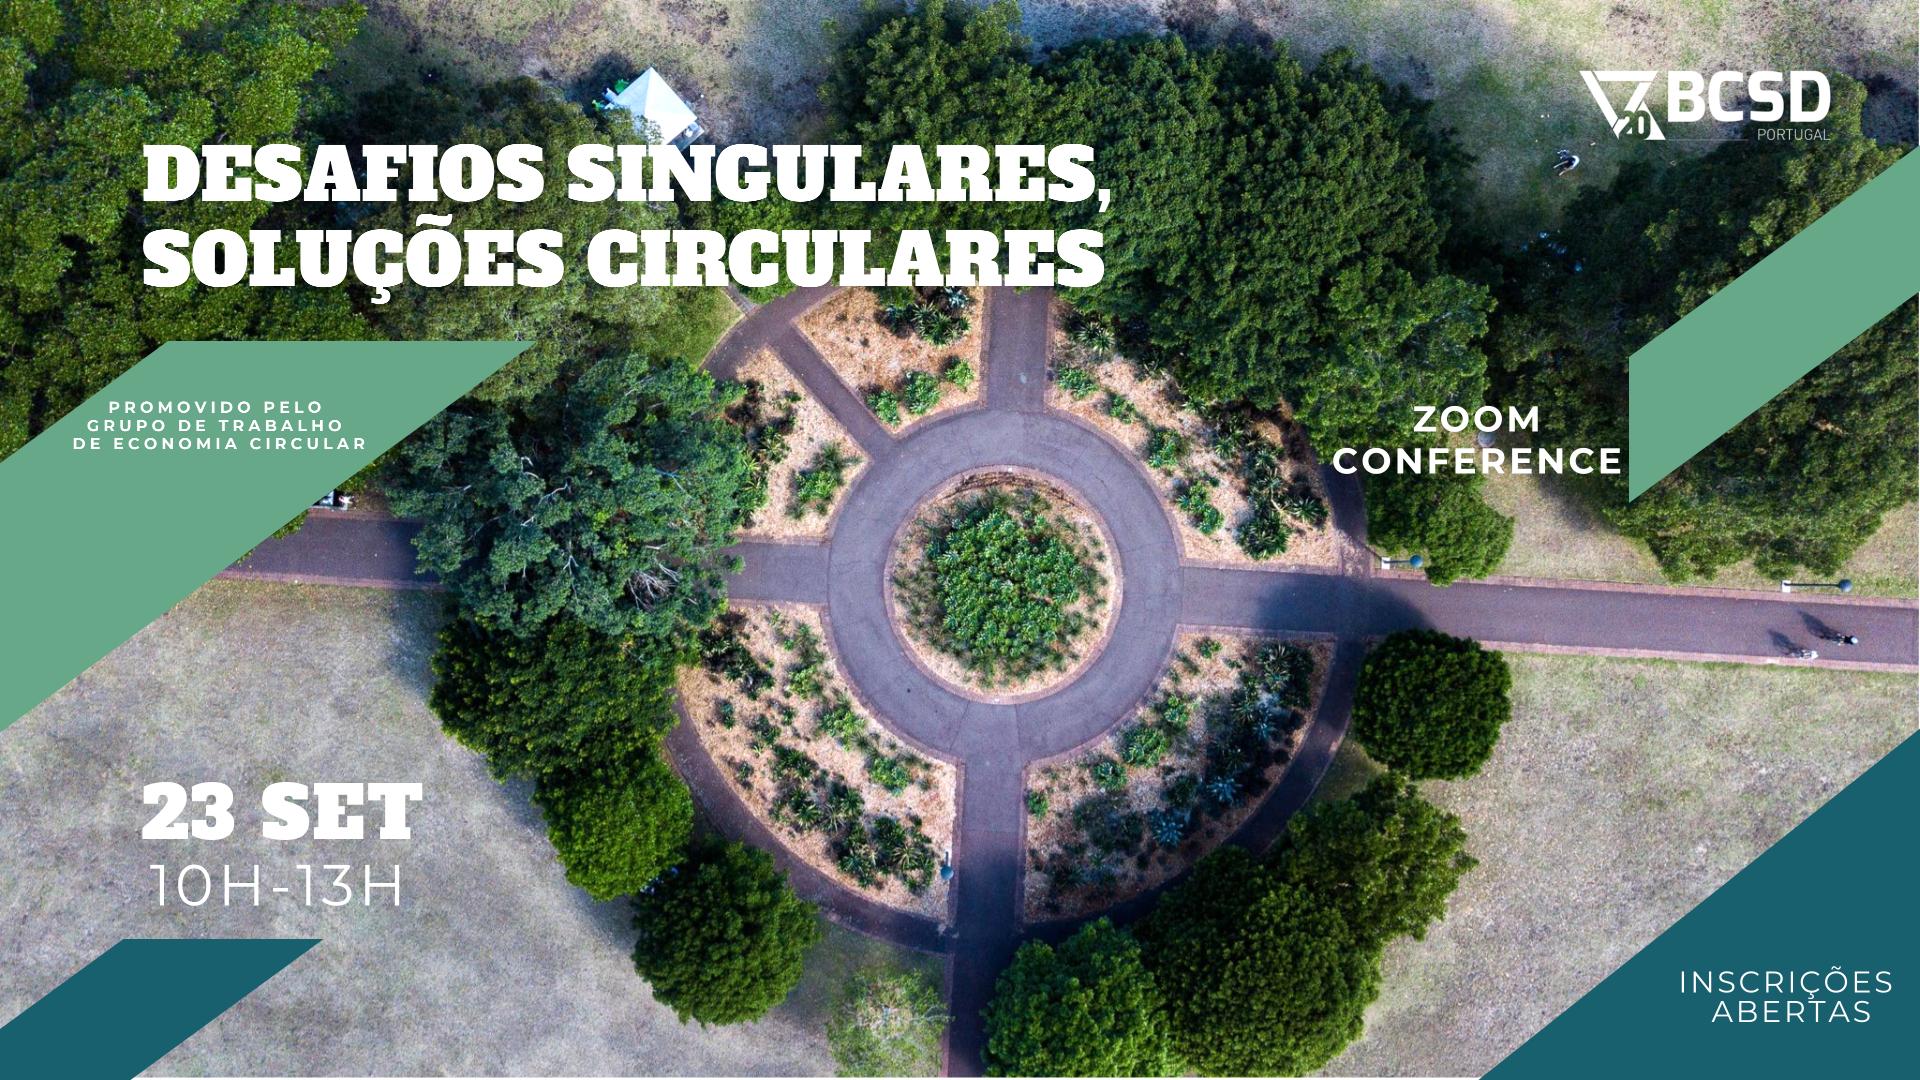 conferencia-desafios-singulares-respostas-circulares